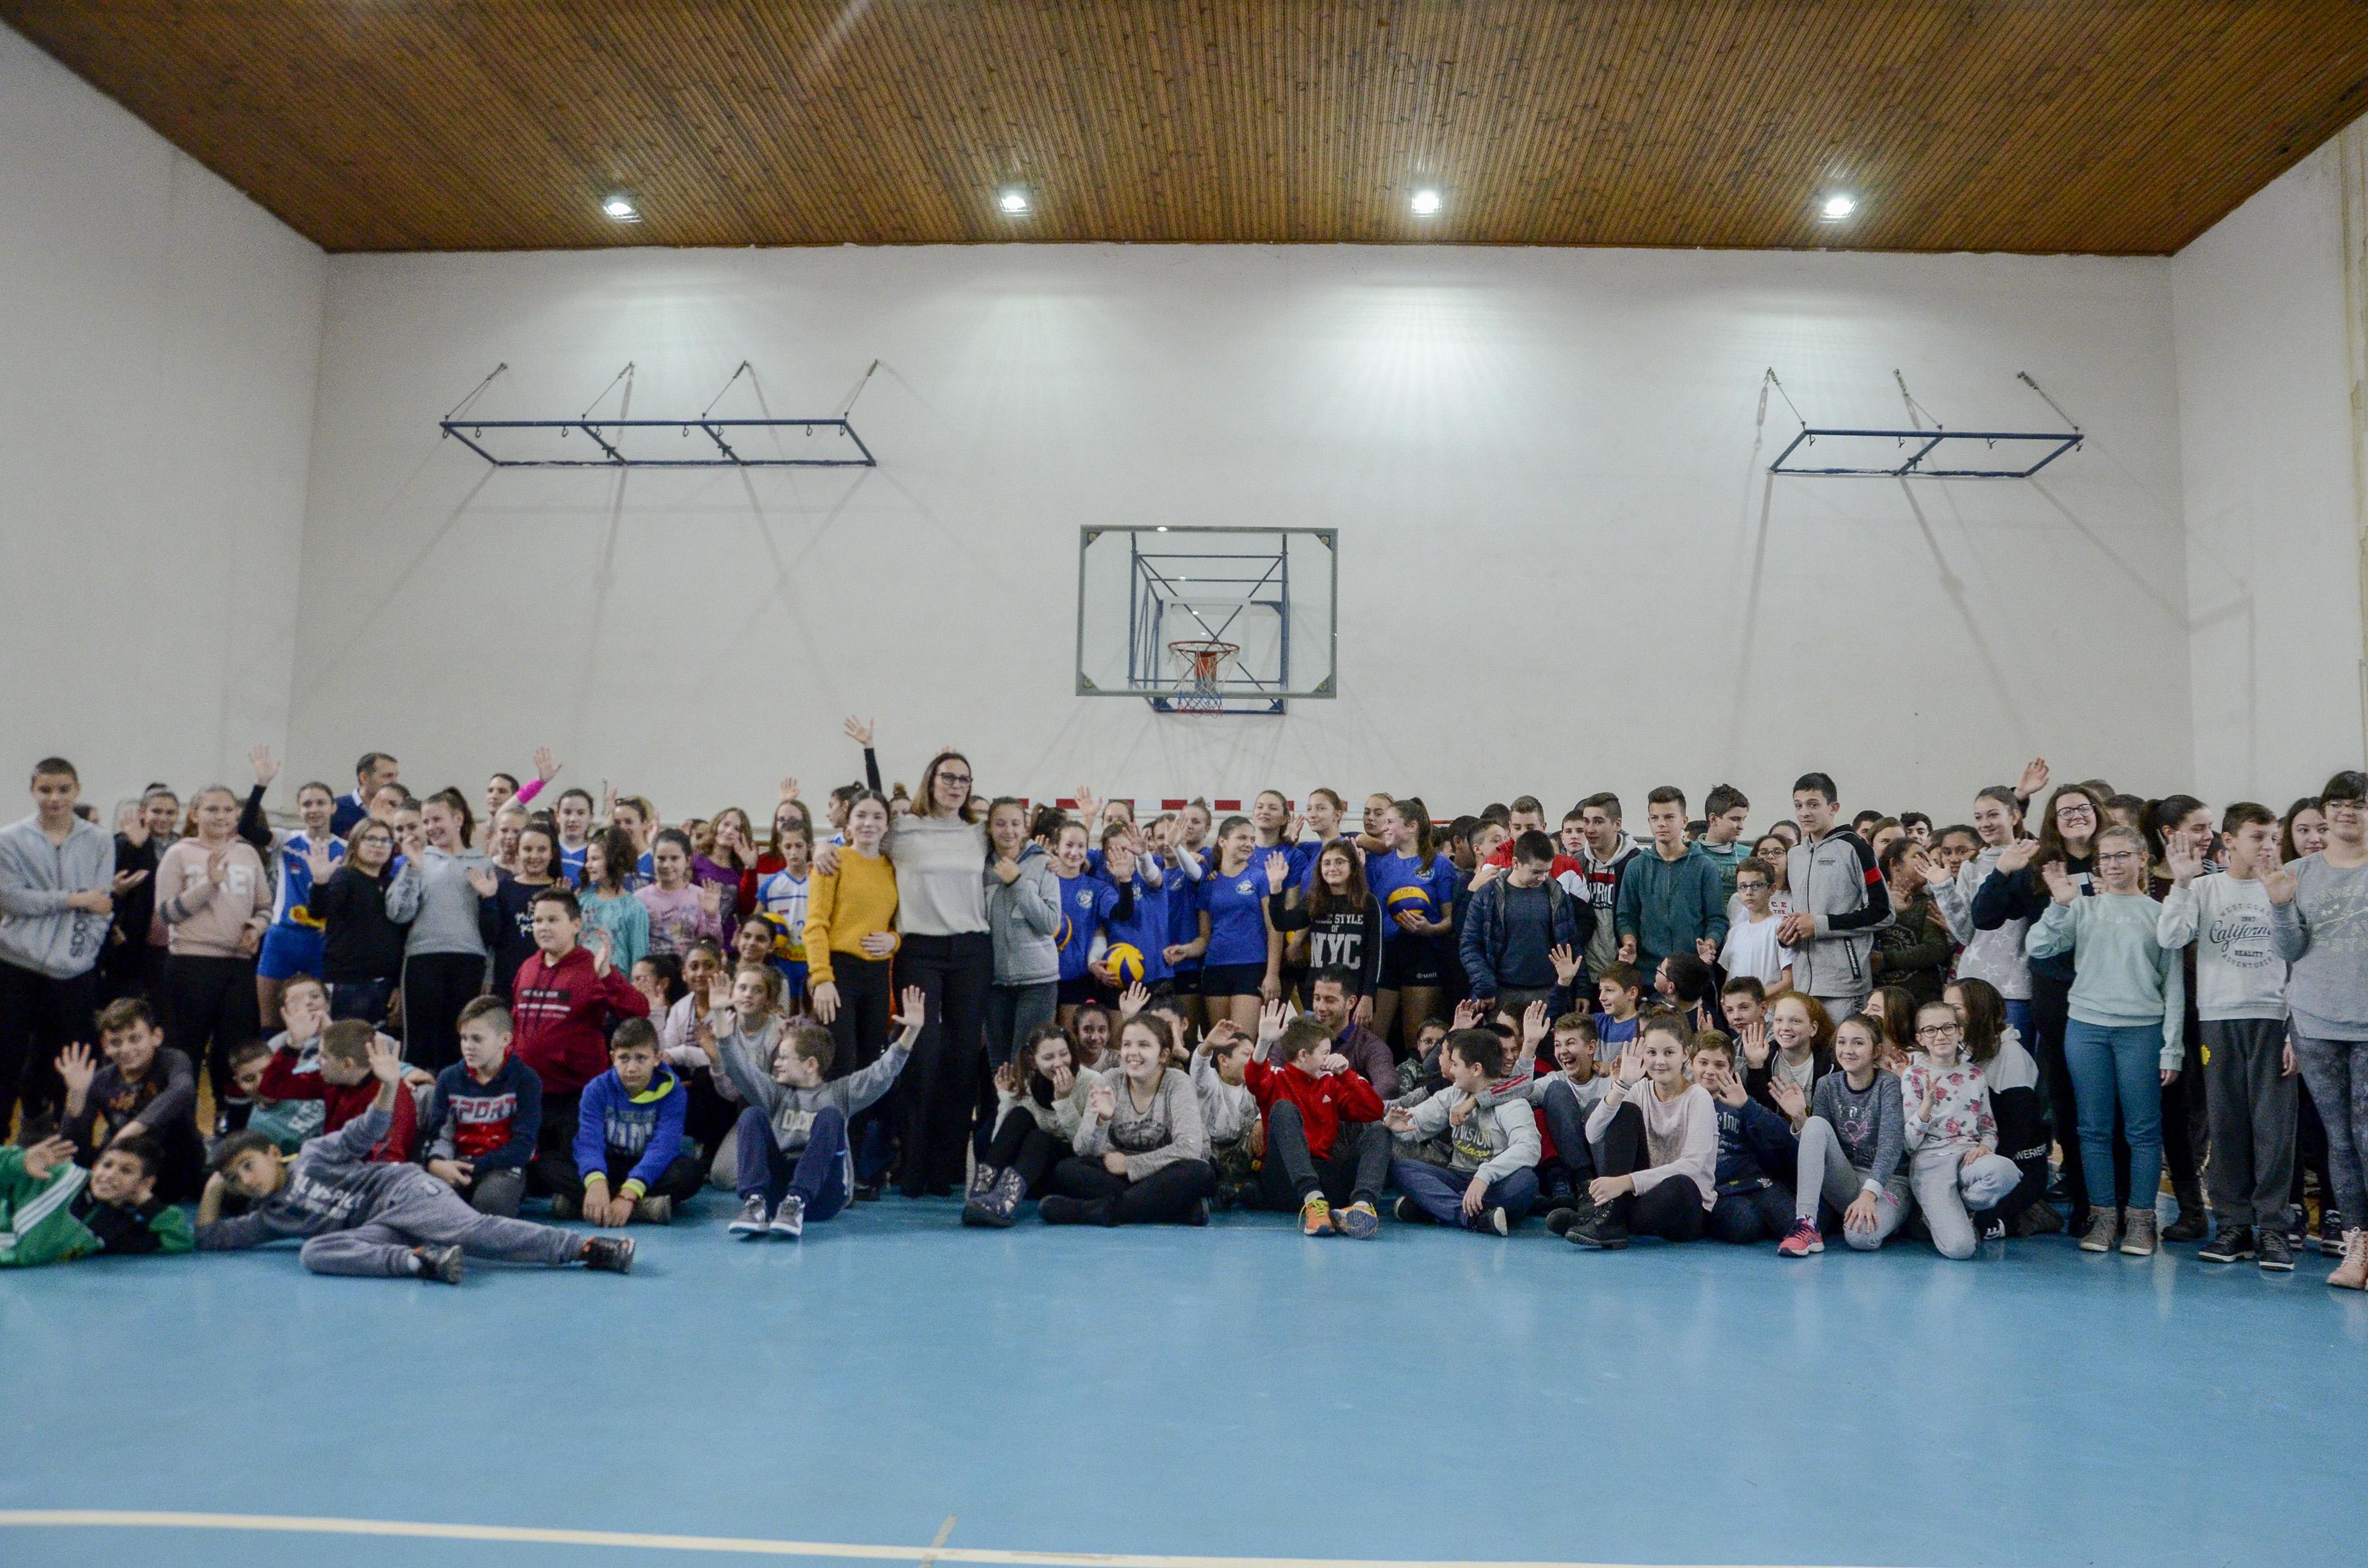 Министар Удовичић посетио општине Кикинда и Нова Црња, дружио се са основцима и спортистима и уручио им спортску опрему